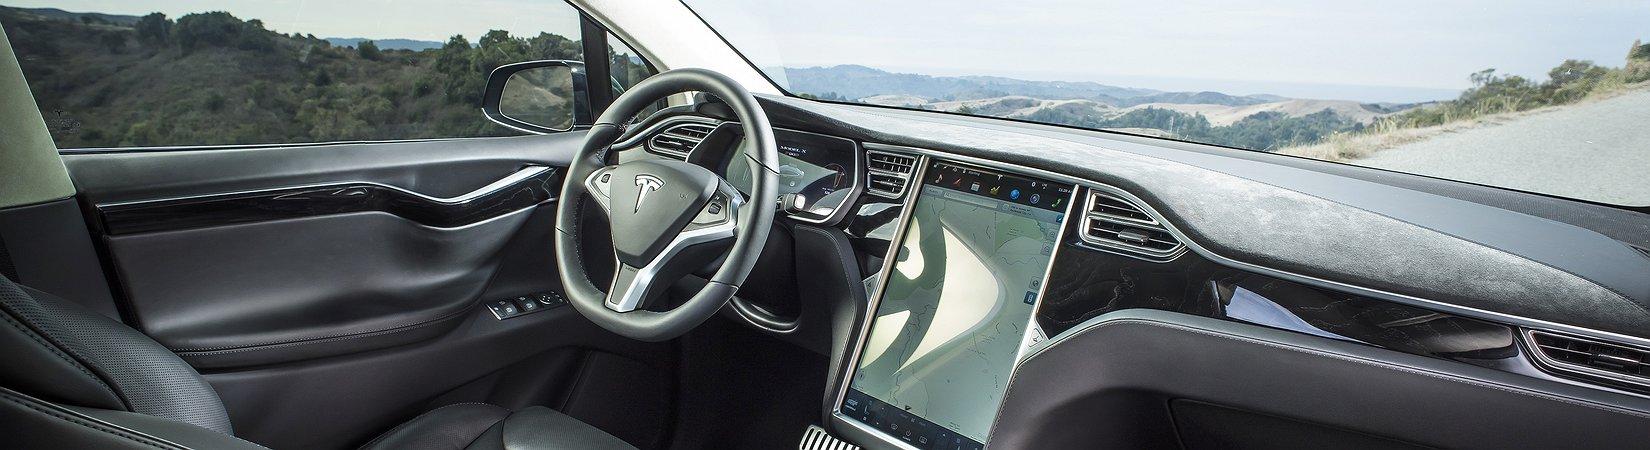 Demostrado: La función de piloto automático de Tesla disminuye los accidentes en un 40%